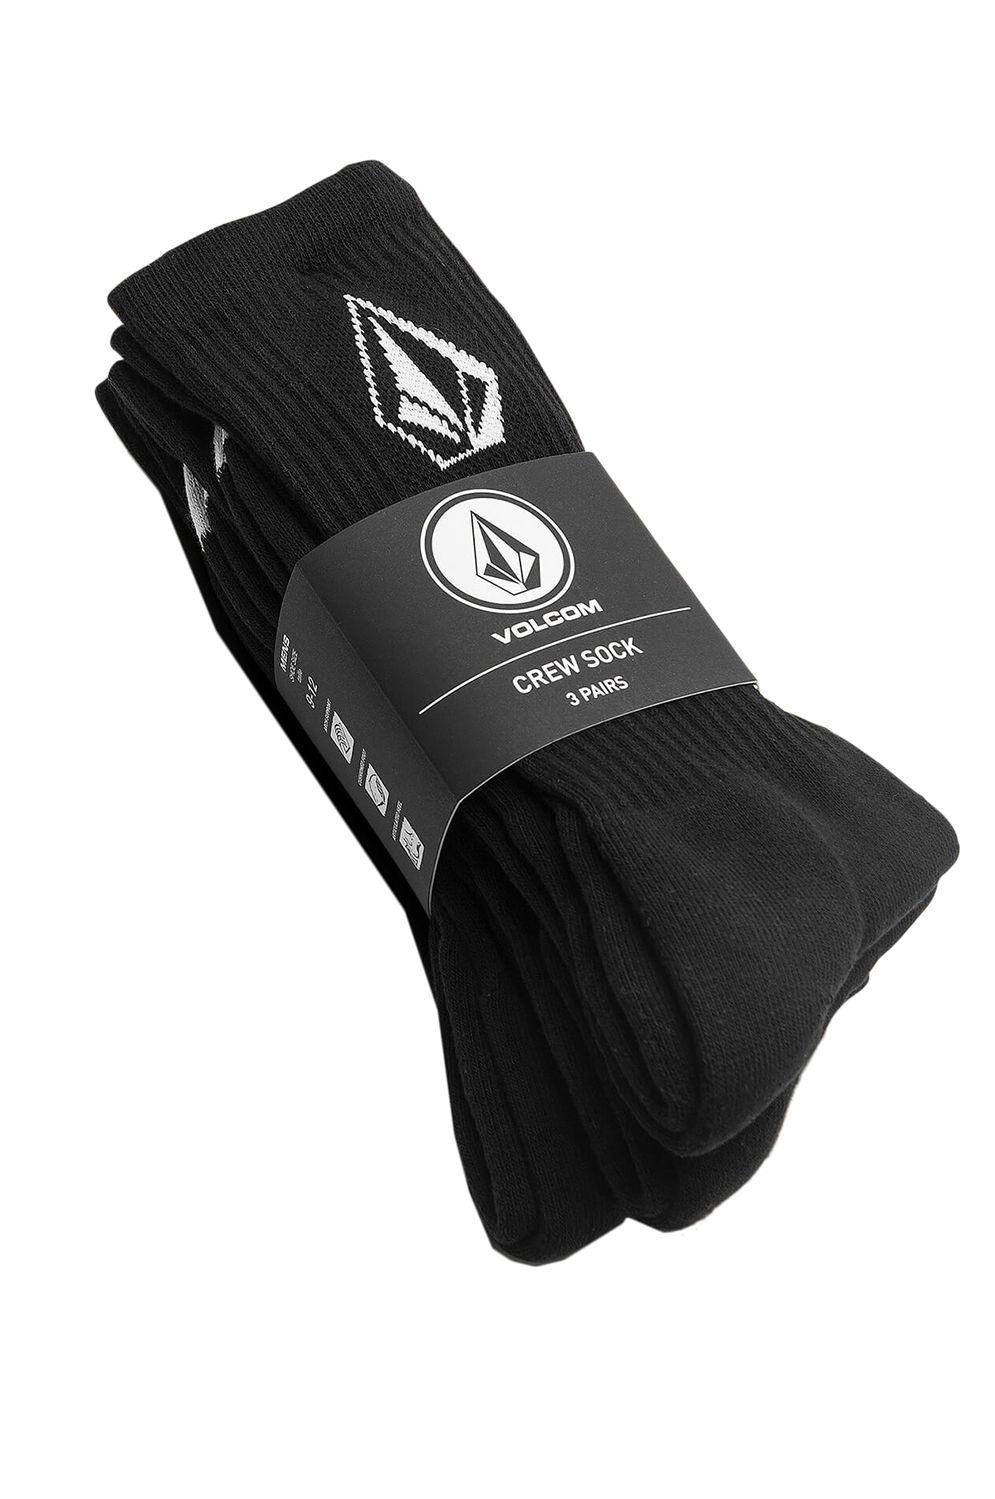 Volcom Socks FULL STONE 3PK Black